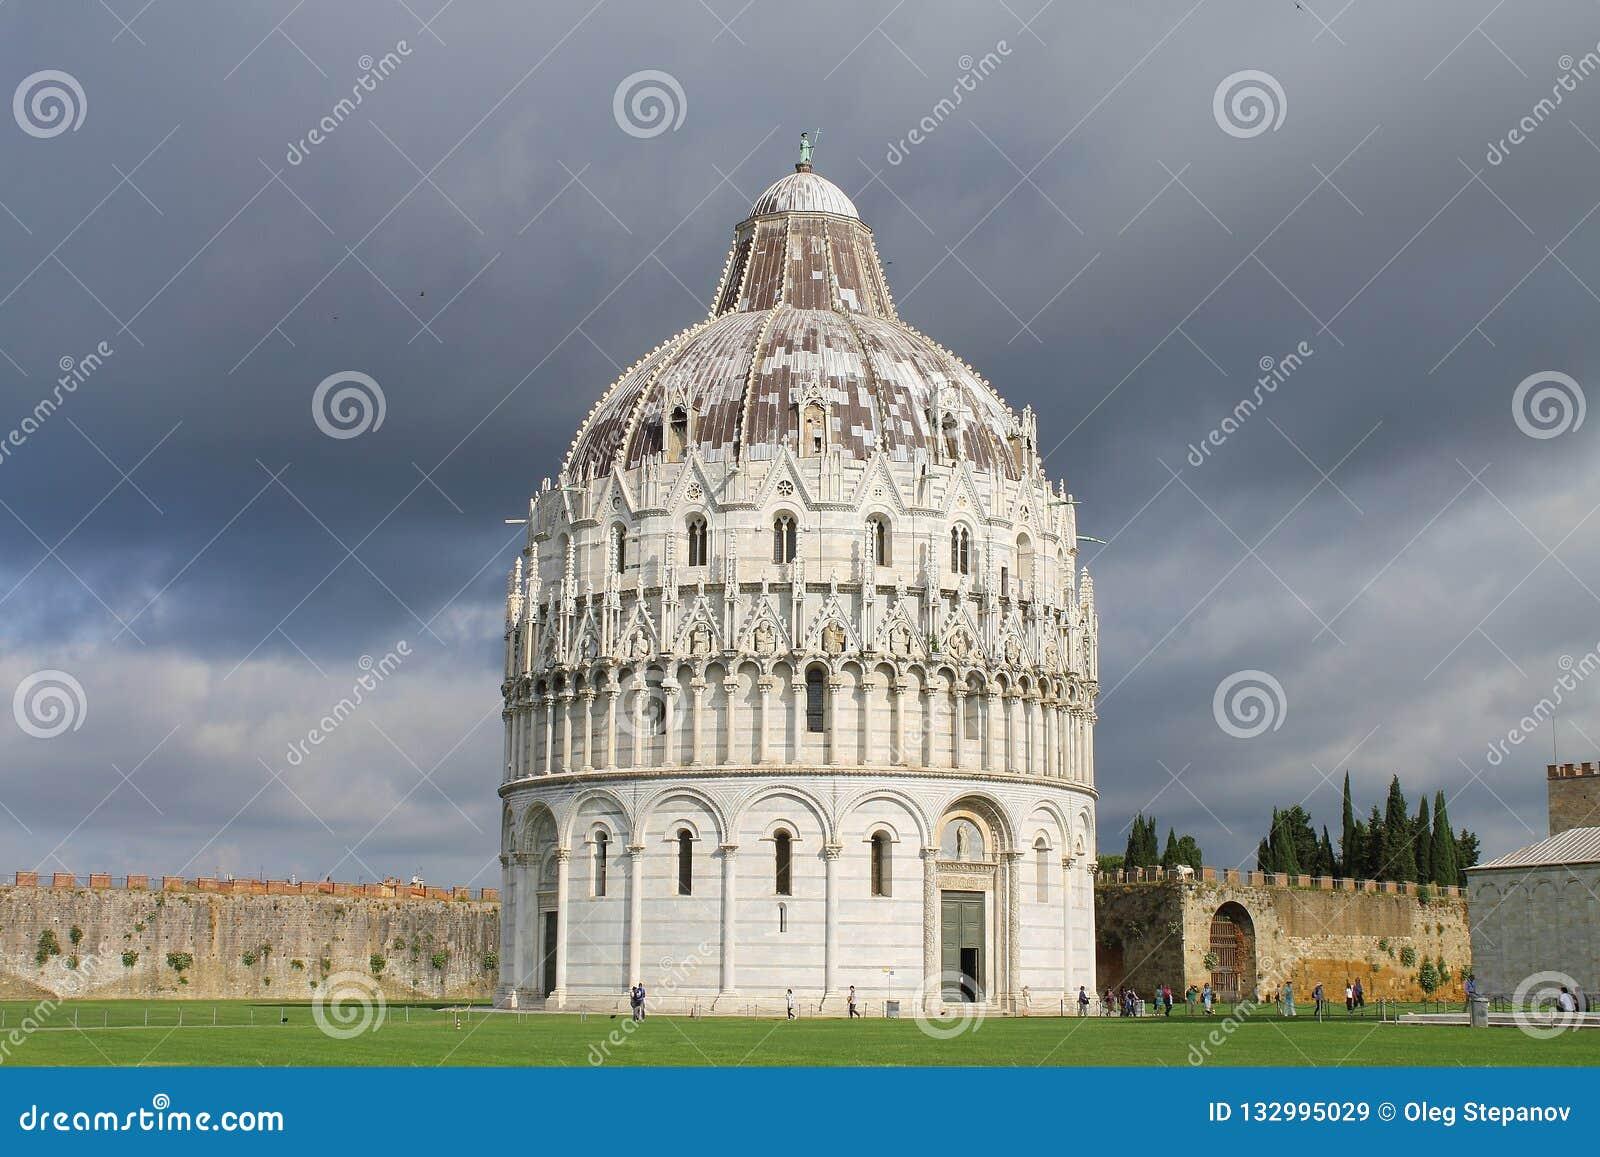 Pisa Baptistery St John Widok od południowo-wschodni Tuscany Włochy